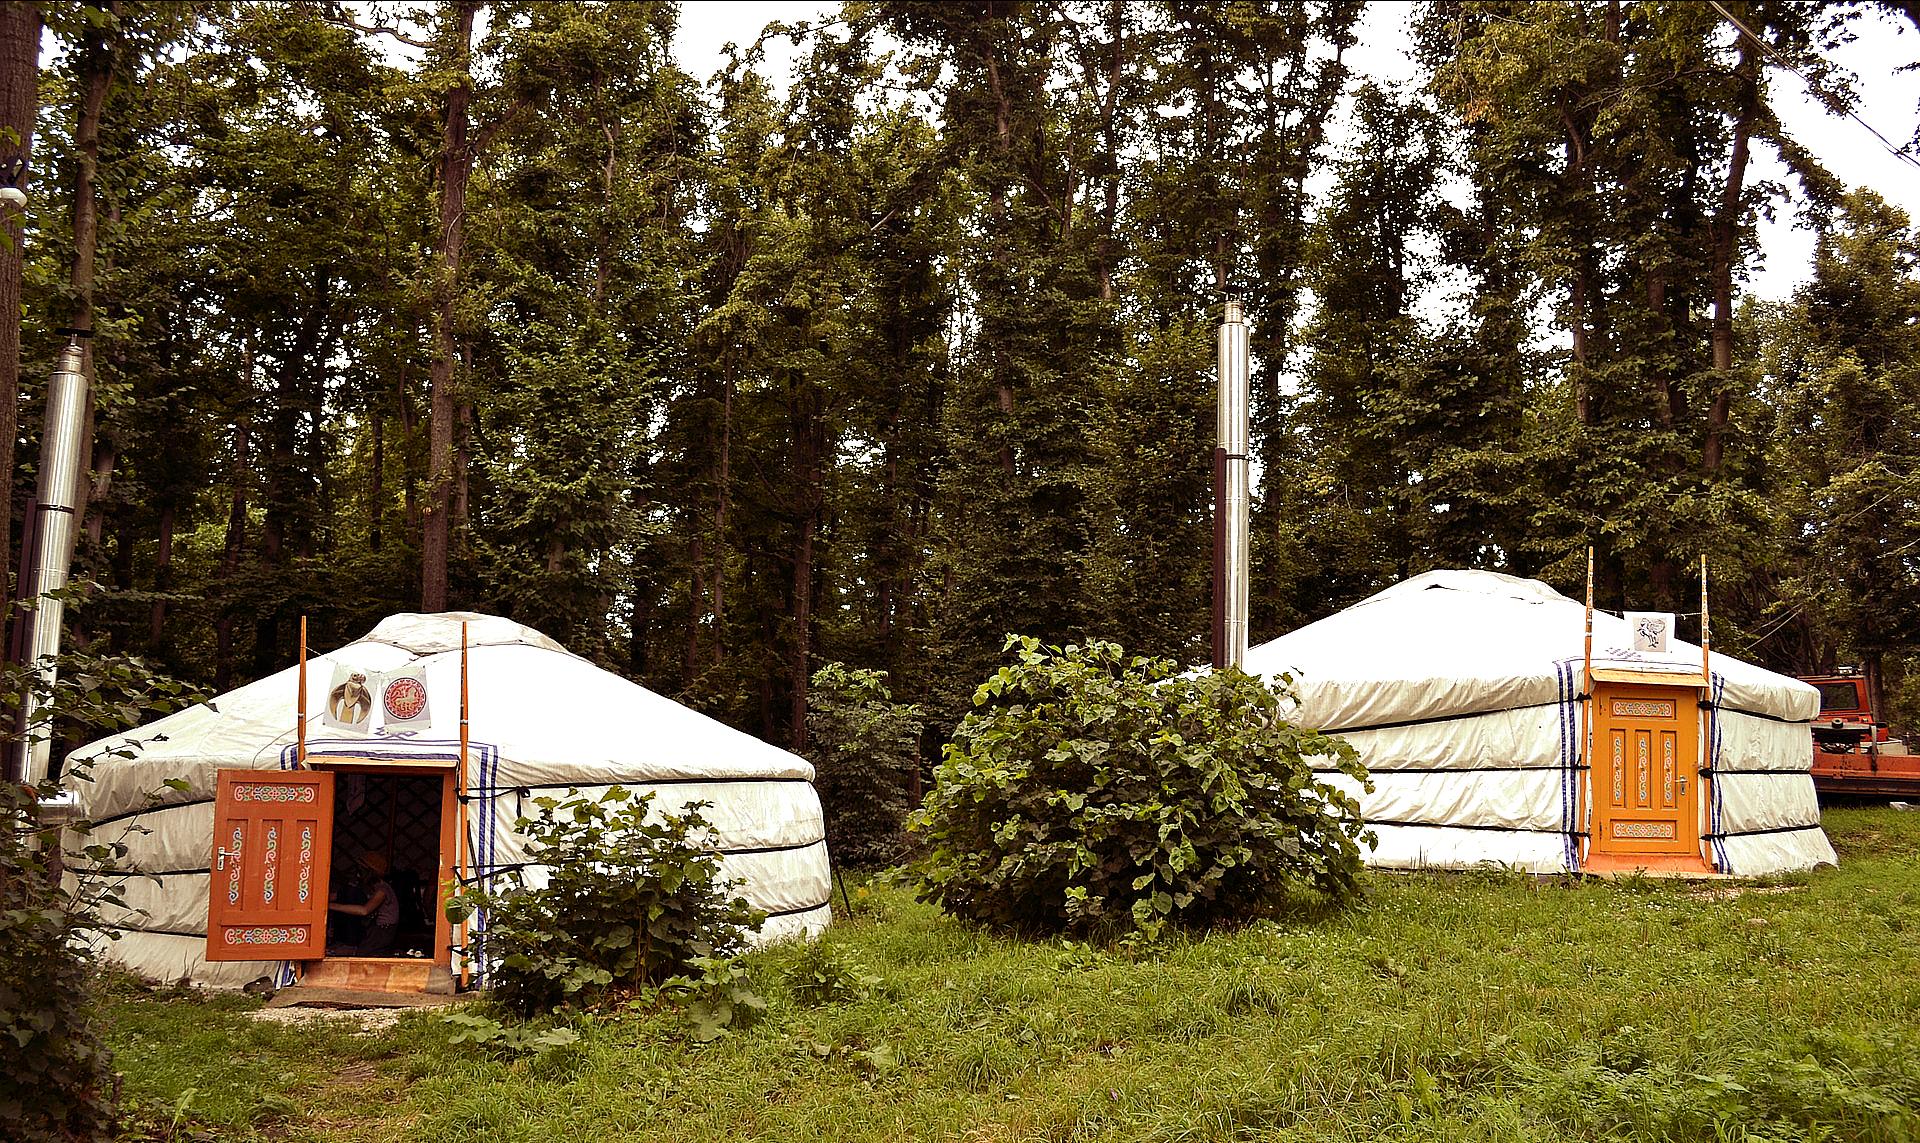 yurta-es-otra-tienda-glamping-procedente-de-mongolia